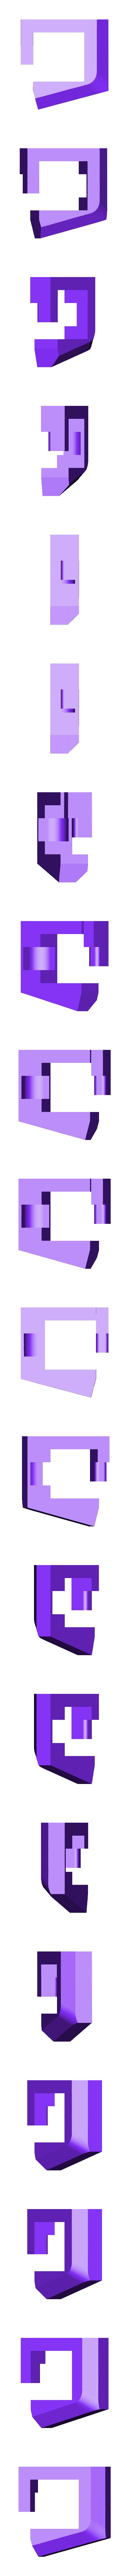 Button_Guide.stl Télécharger fichier STL gratuit Jouet de Noël • Design à imprimer en 3D, Jwoong